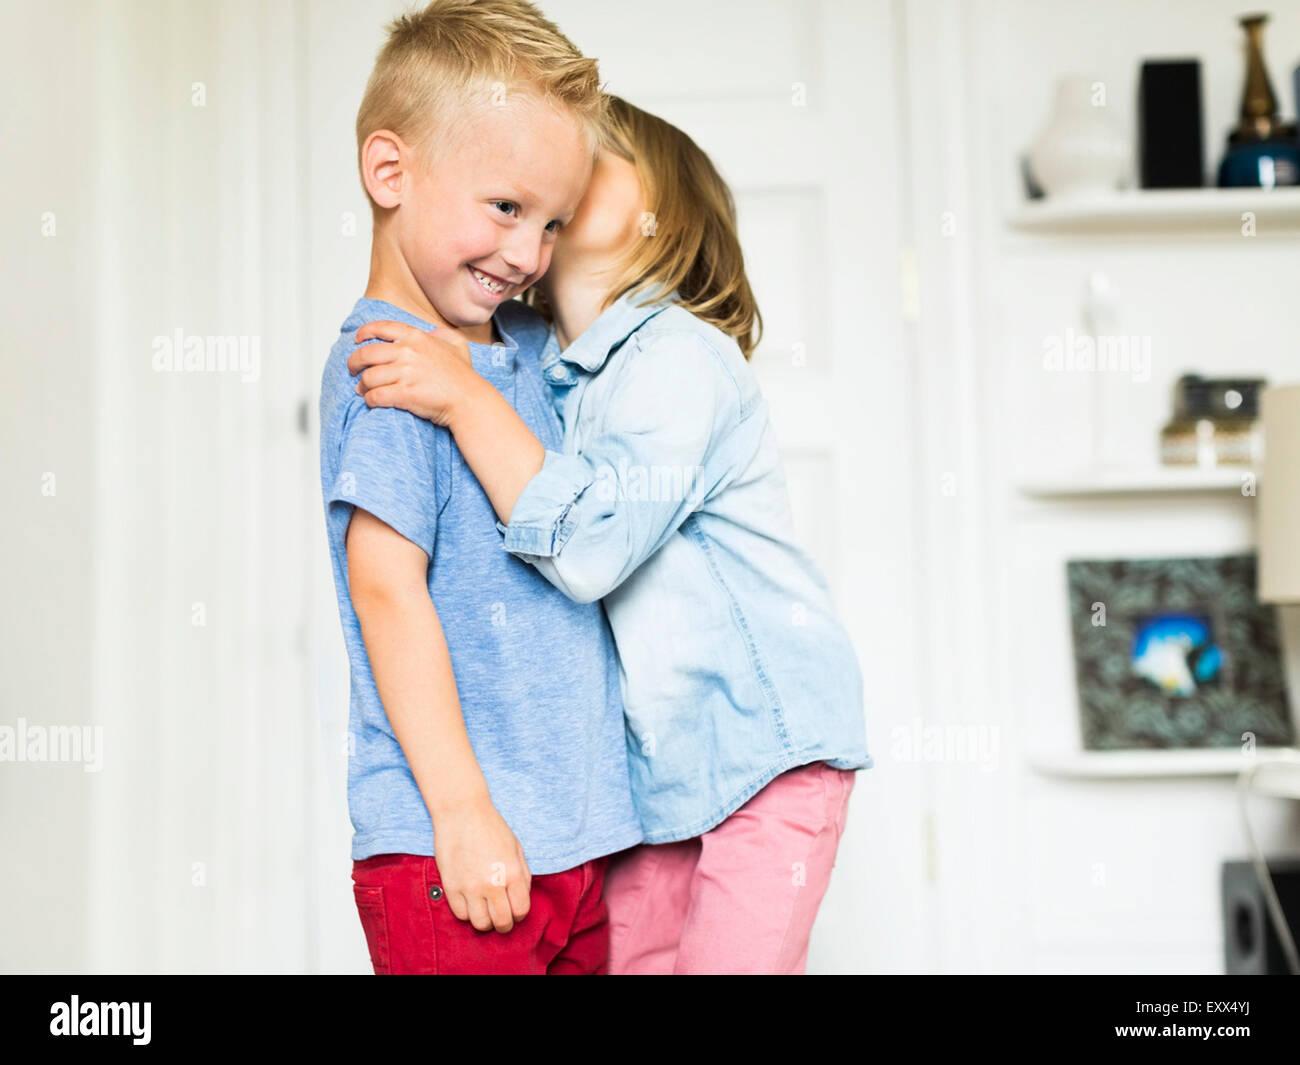 Little girl (4-5) du frère chuchotant à l'oreille (4-5) Photo Stock